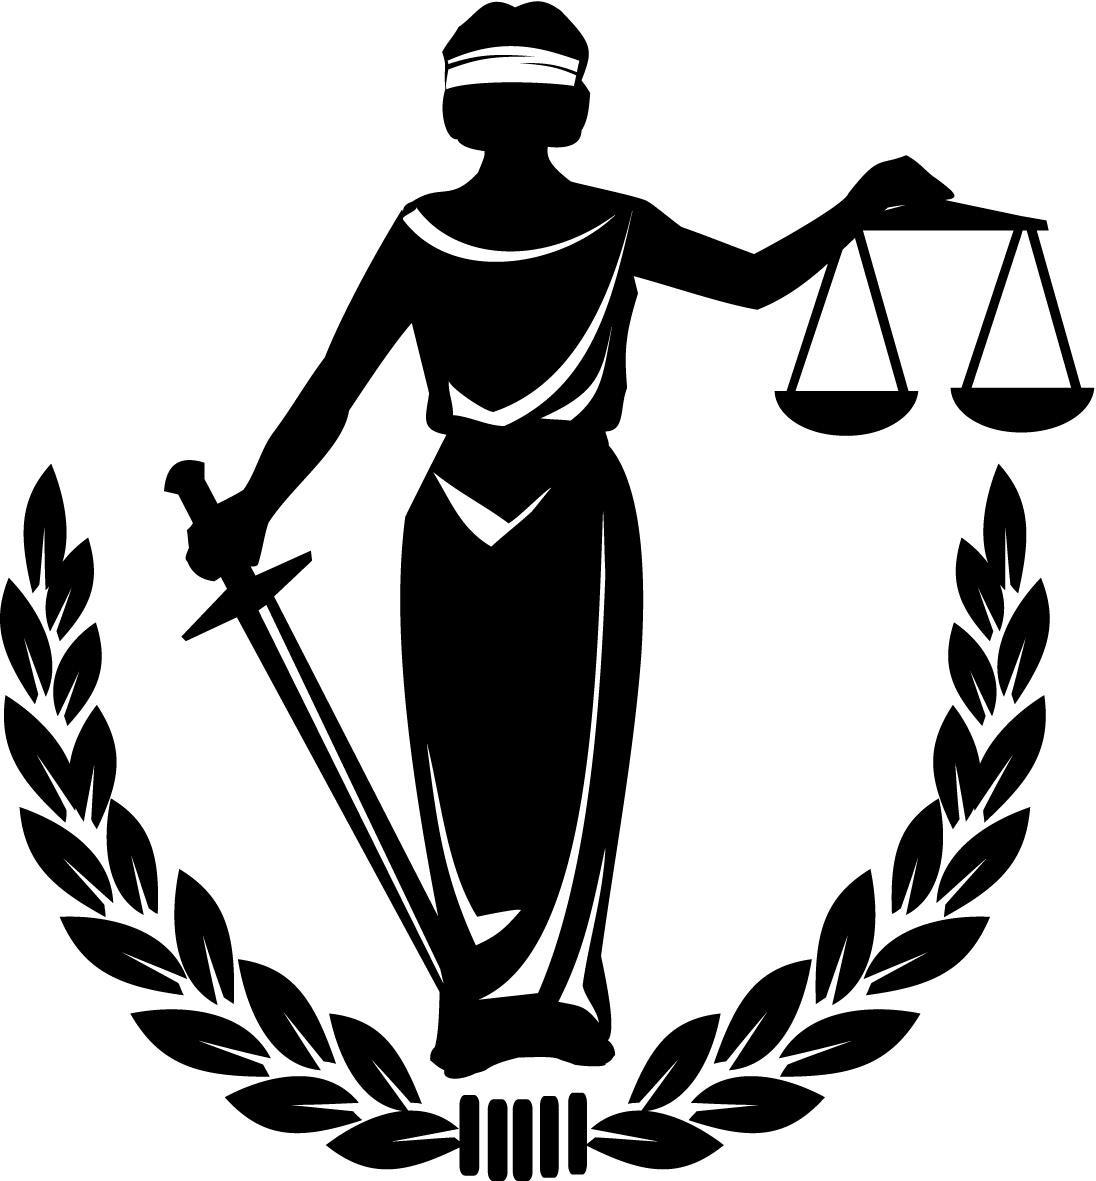 Manual de investigación de delitos de odio y discriminación